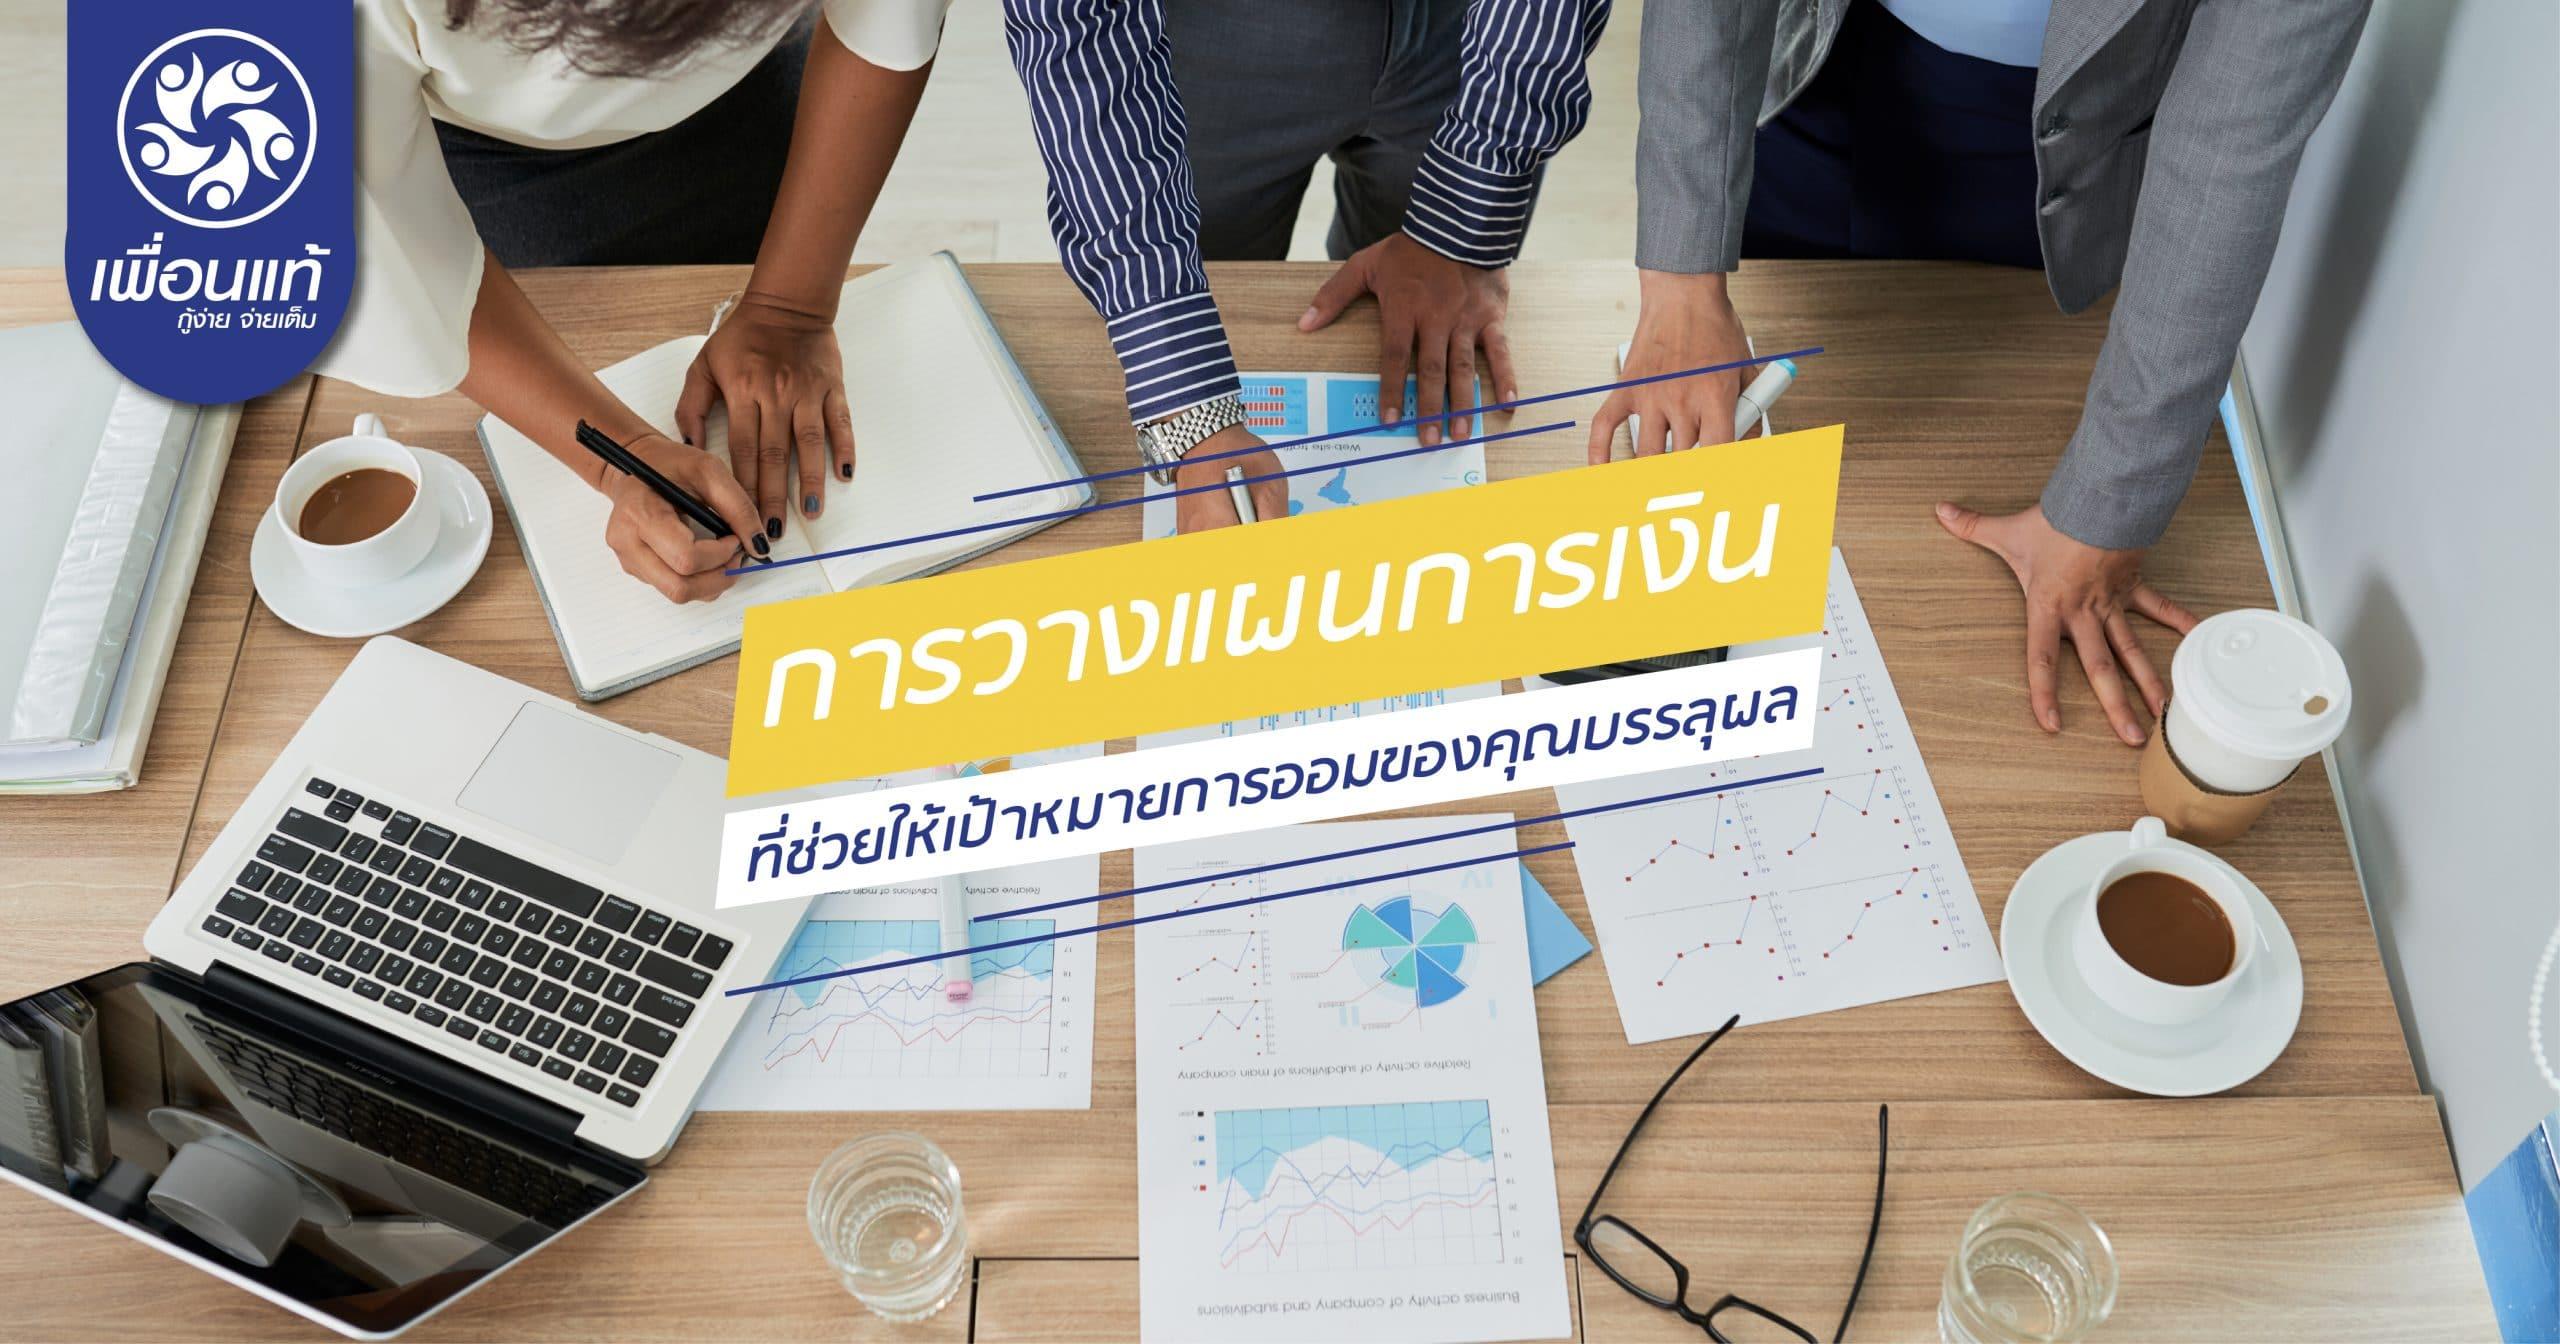 11 01 - การวางแผนการเงินที่ช่วยให้เป้าหมายการออมของคุณบรรลุผล